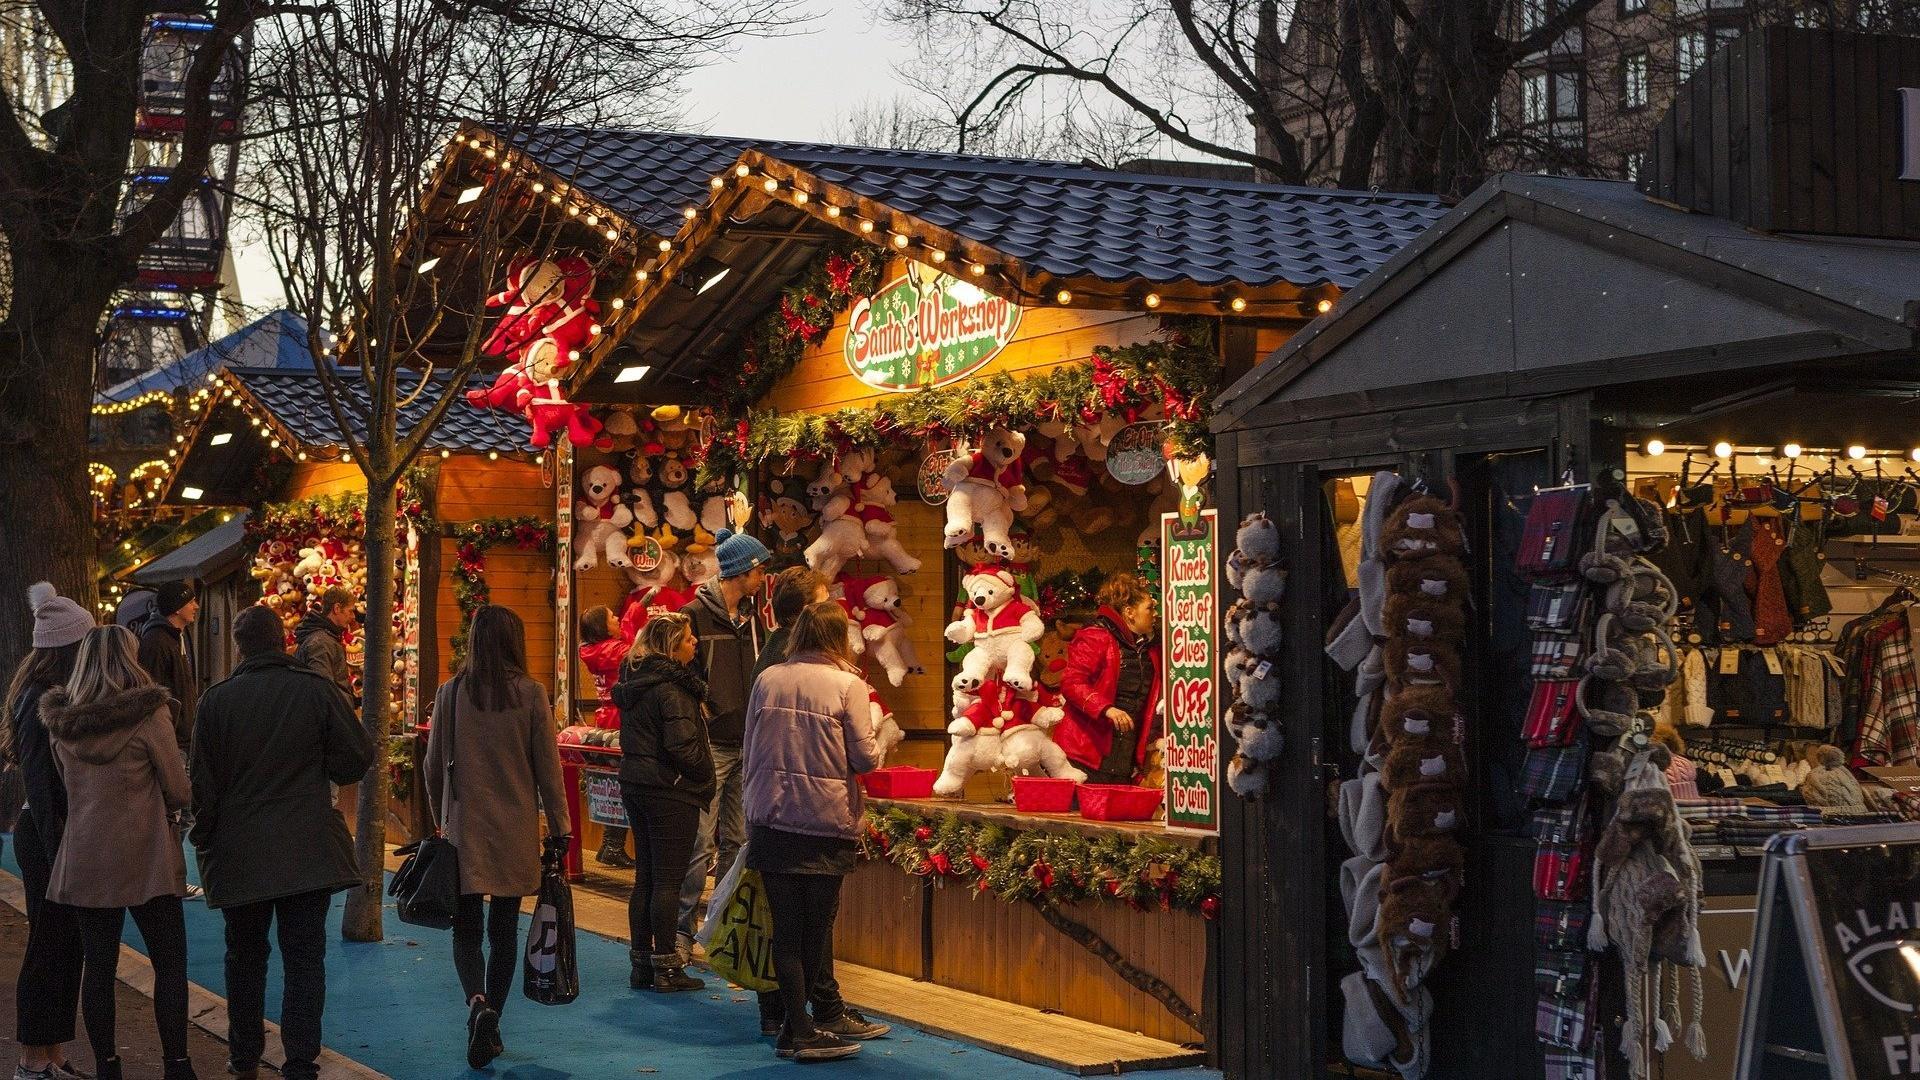 Weihnachtsmarkt zu Hause: Die besten Ideen und Rezepte